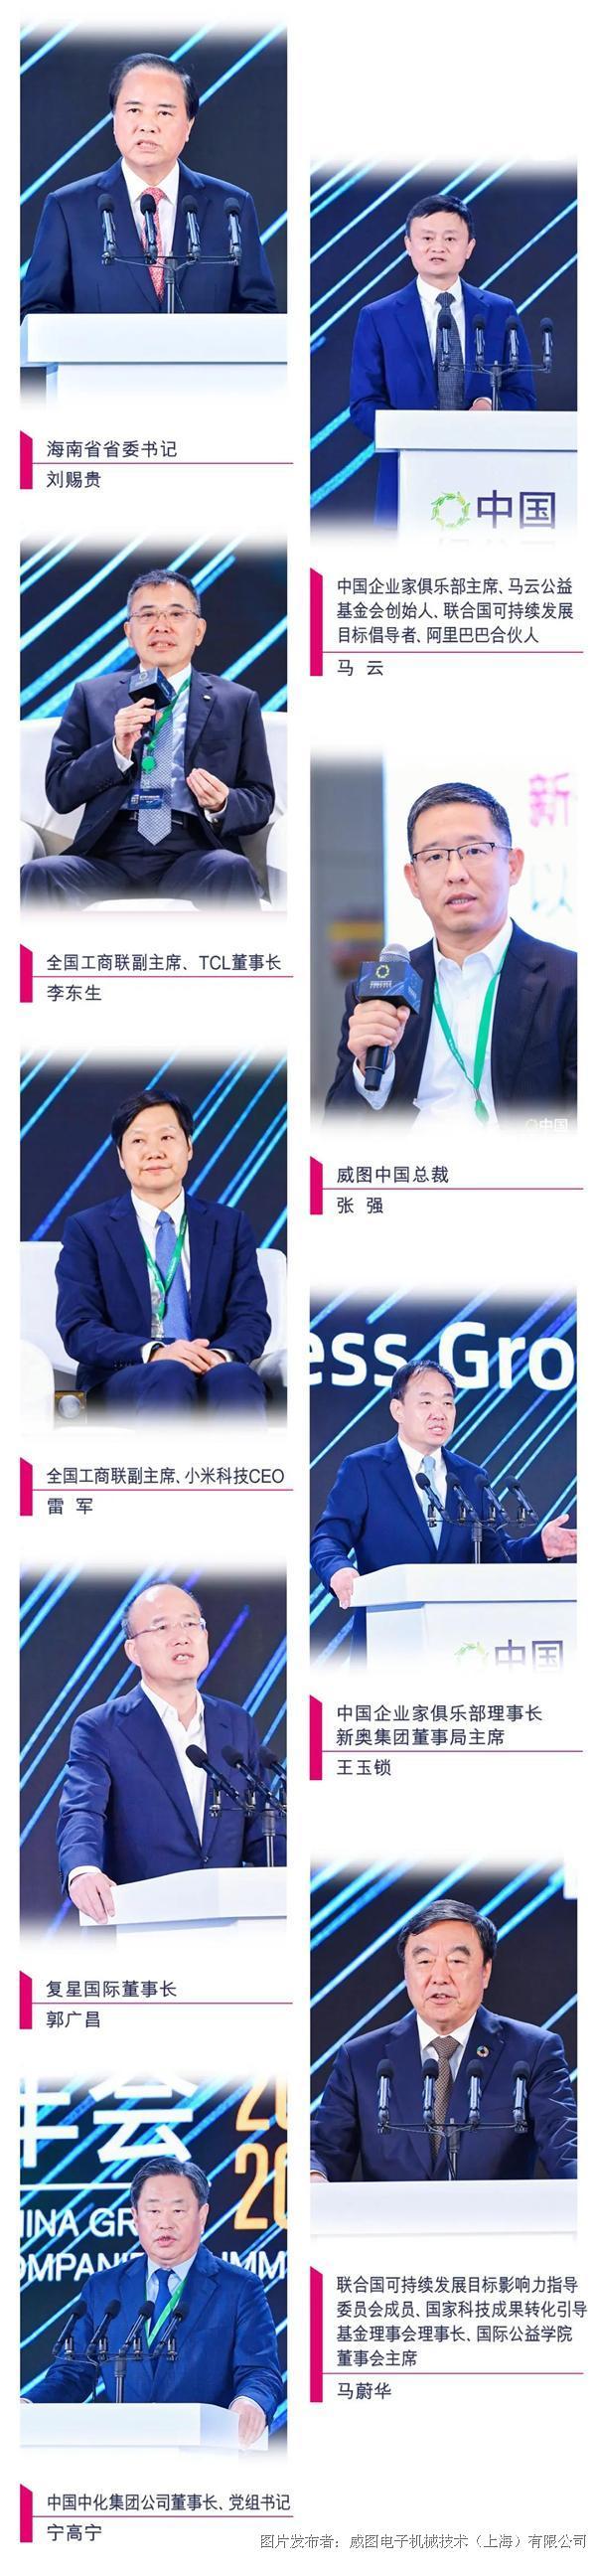 以数字化构建产业生态圈 | 威图与易盼亮相2020年中国绿公司年会